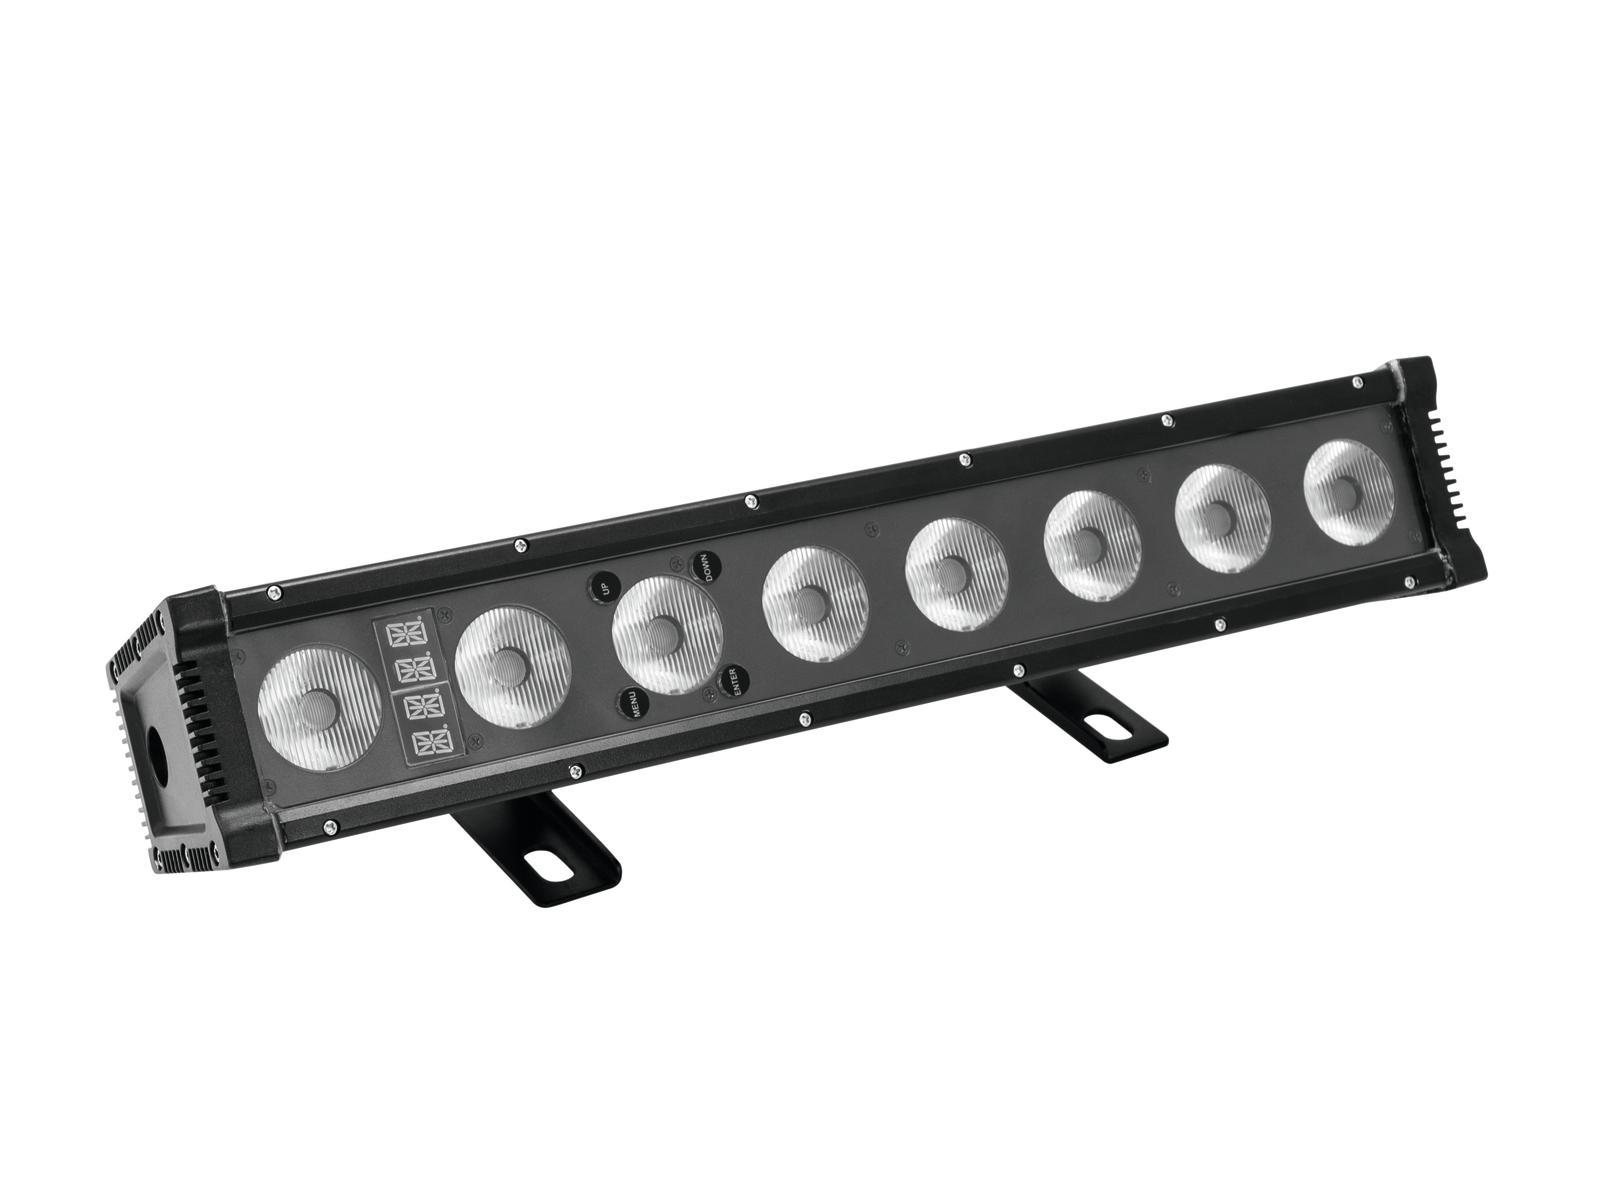 EUROLITE LED IP T1000 QLC bar